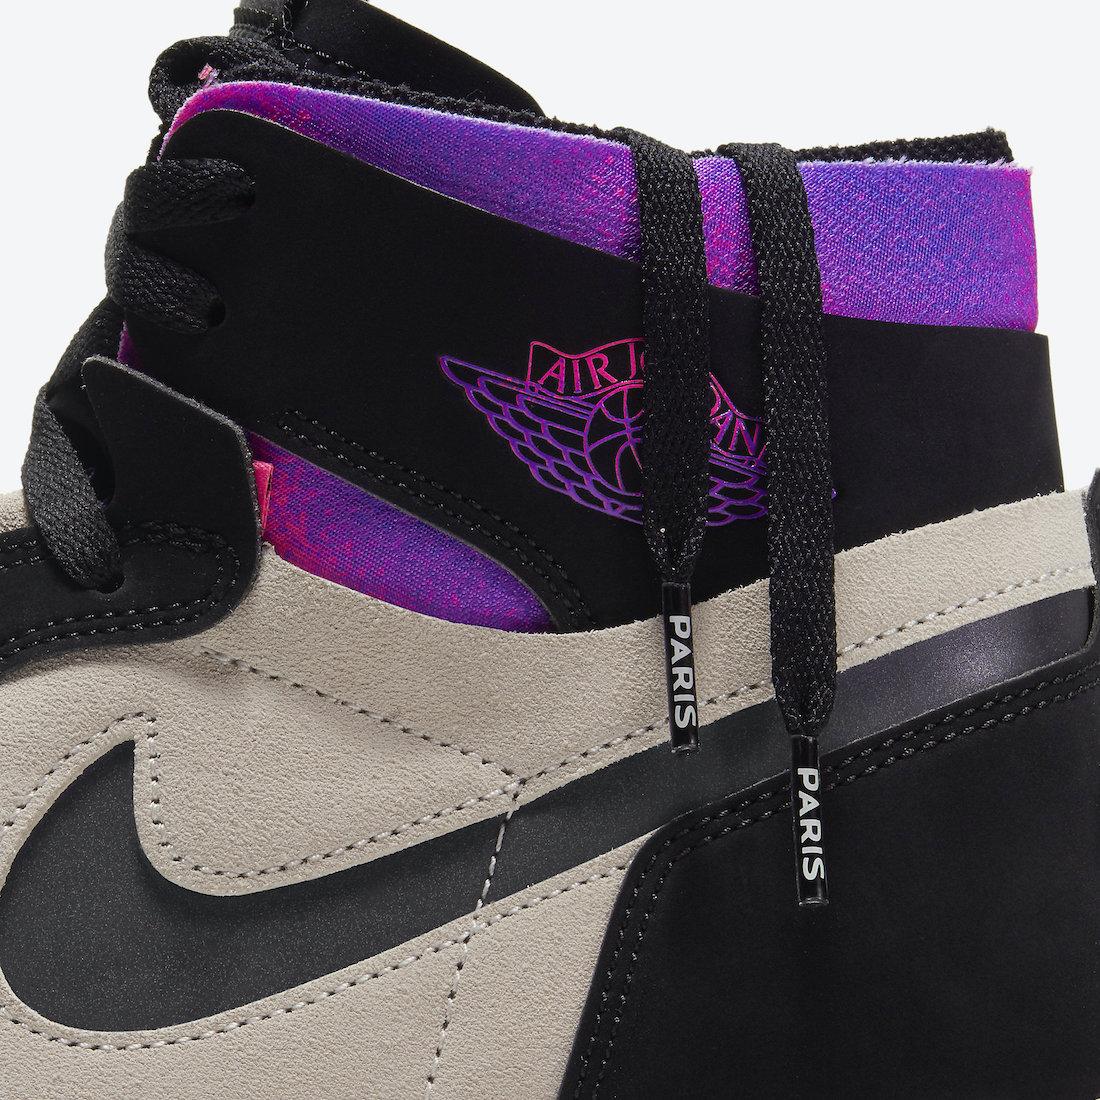 Air-Jordan-1-Zoom-Comfort-PSG-DB3610-105-Release-Date-12